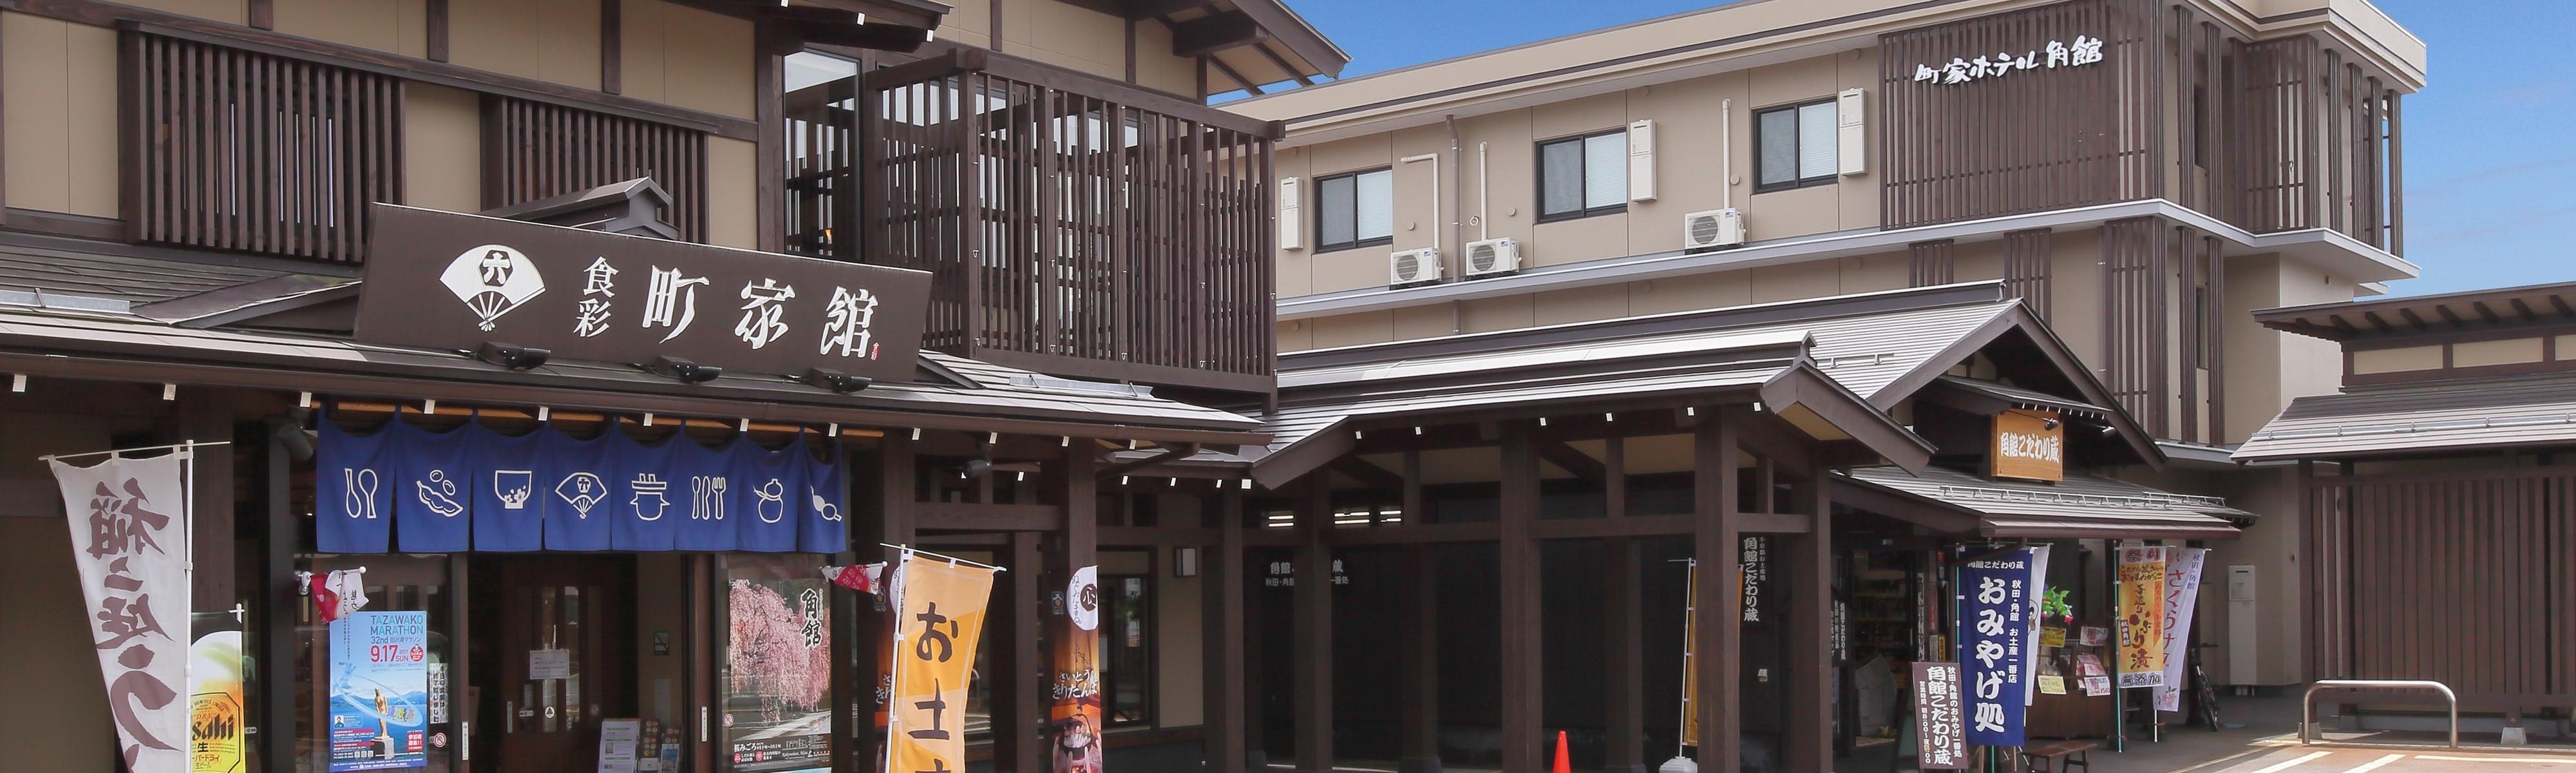 ホテル 屋敷 田町 武家